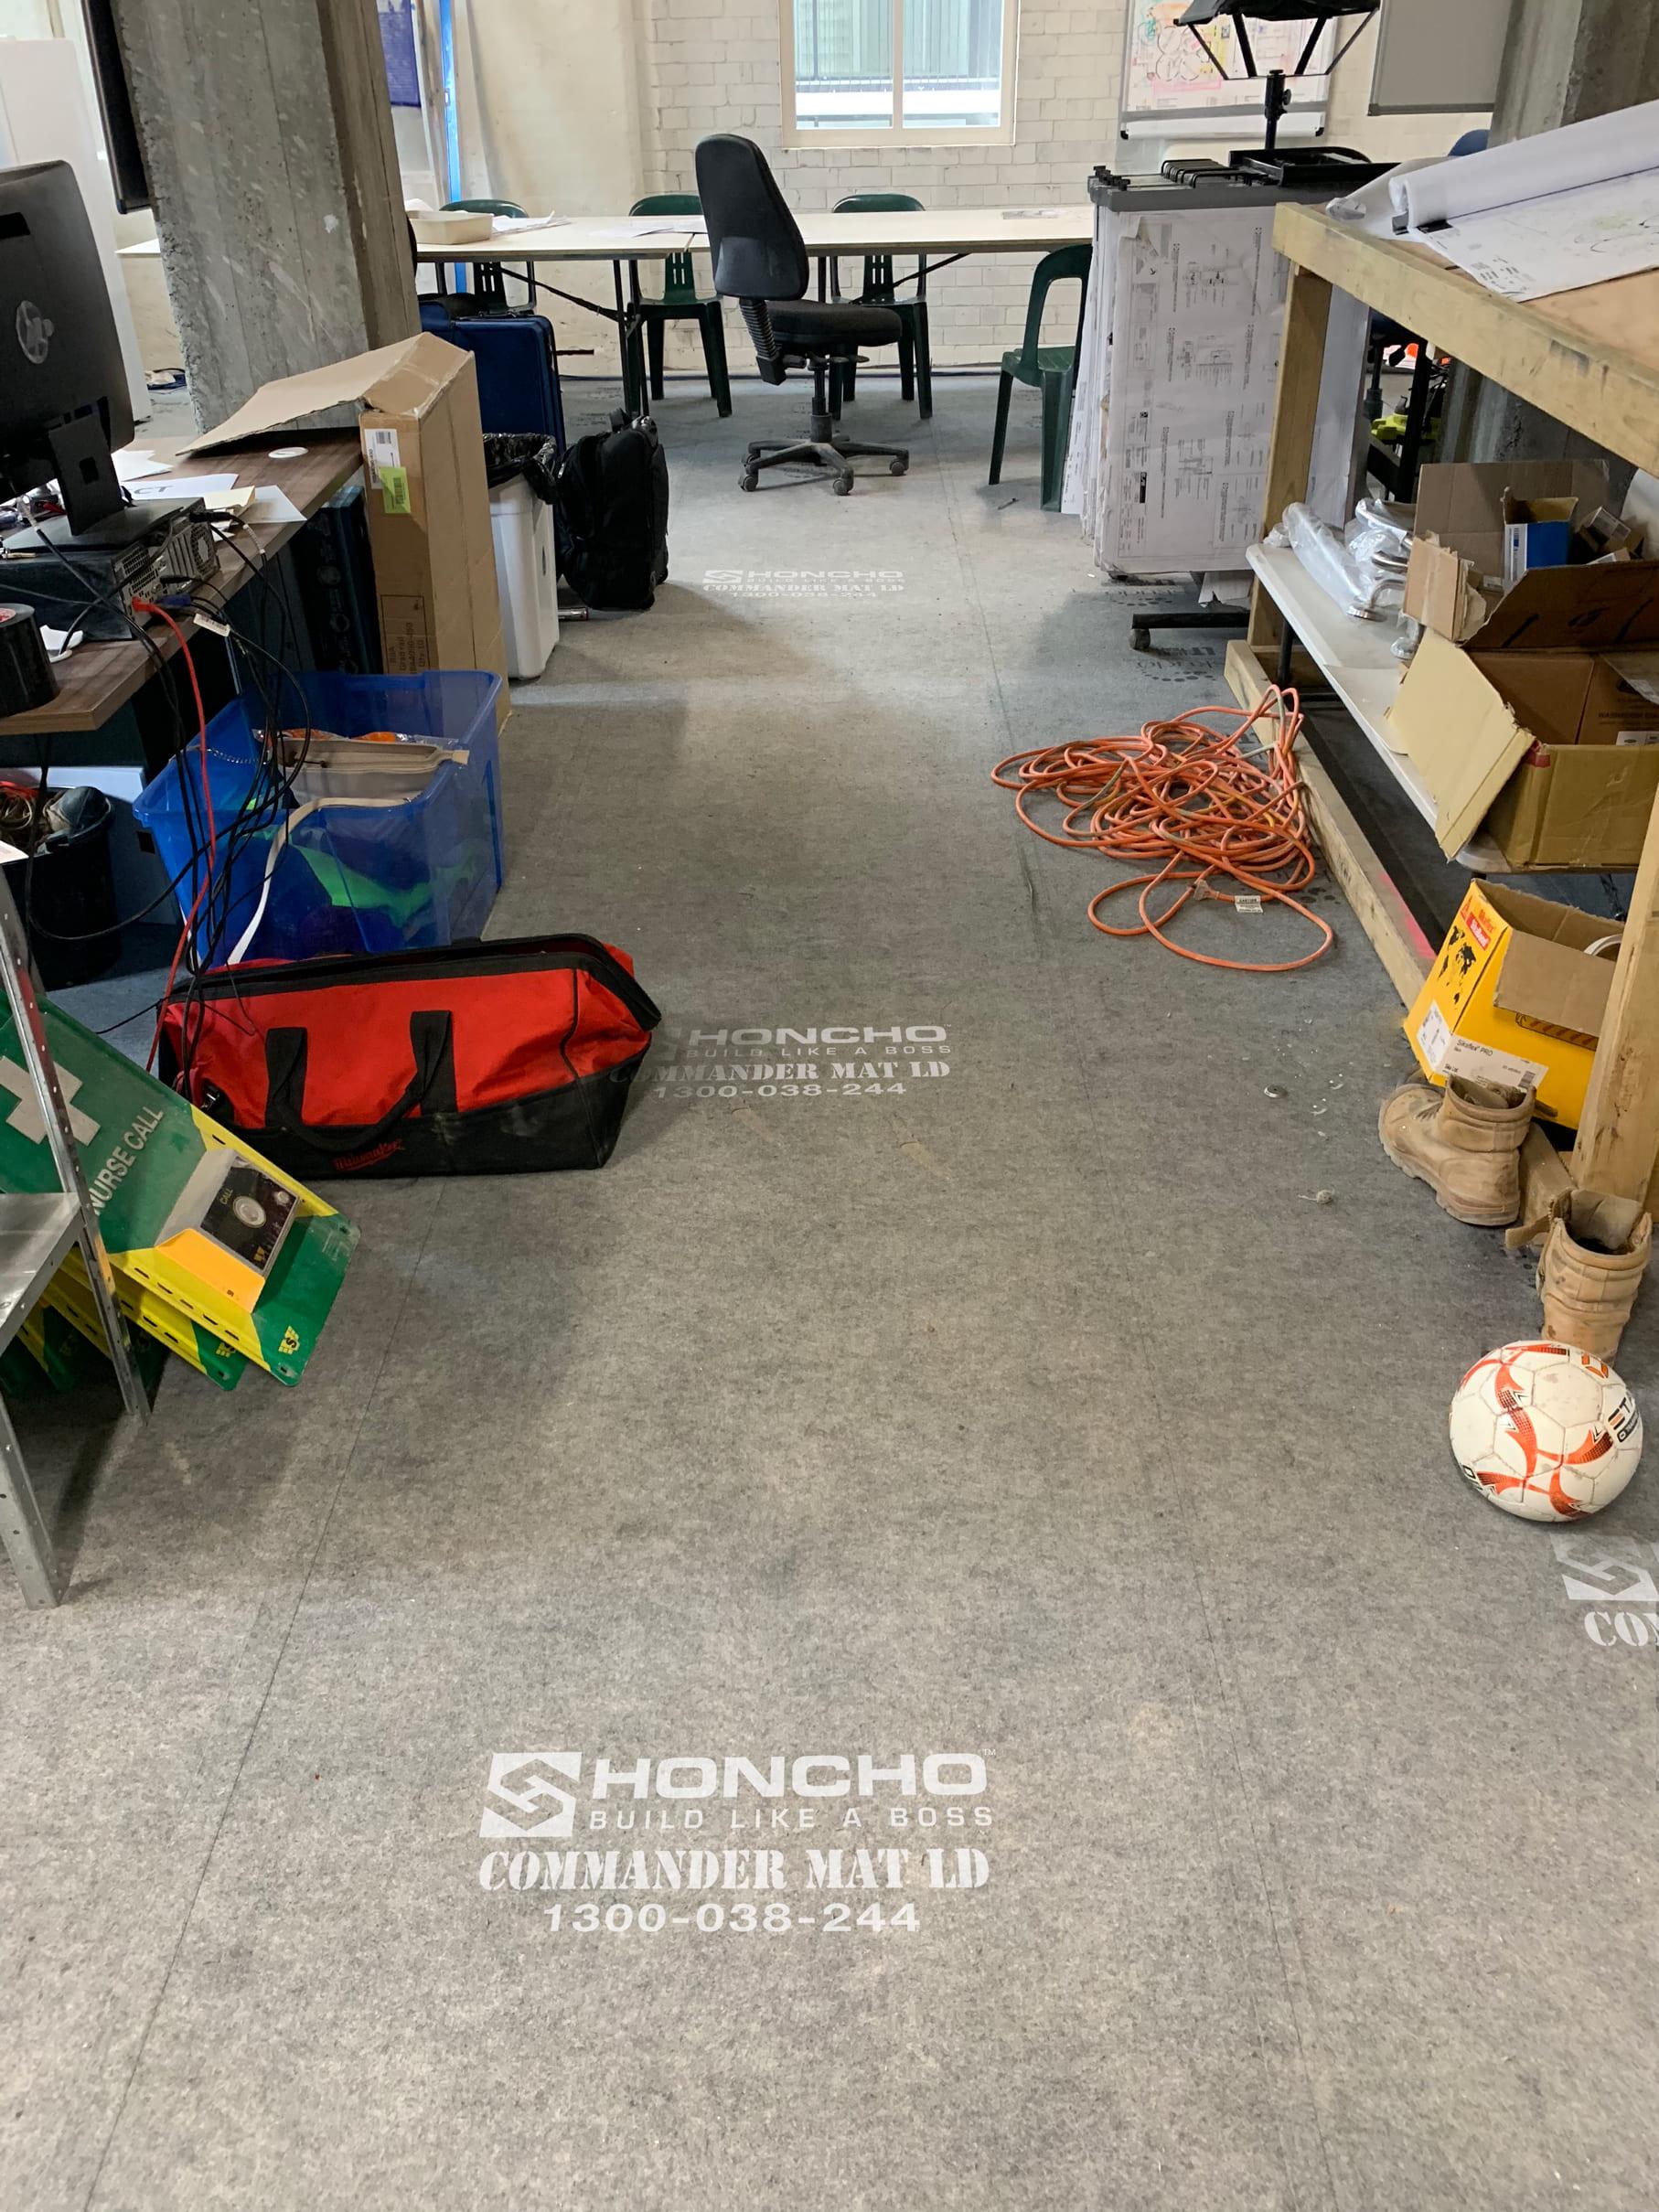 Honcho-Supplies-Temporary-Adhesive-Mats